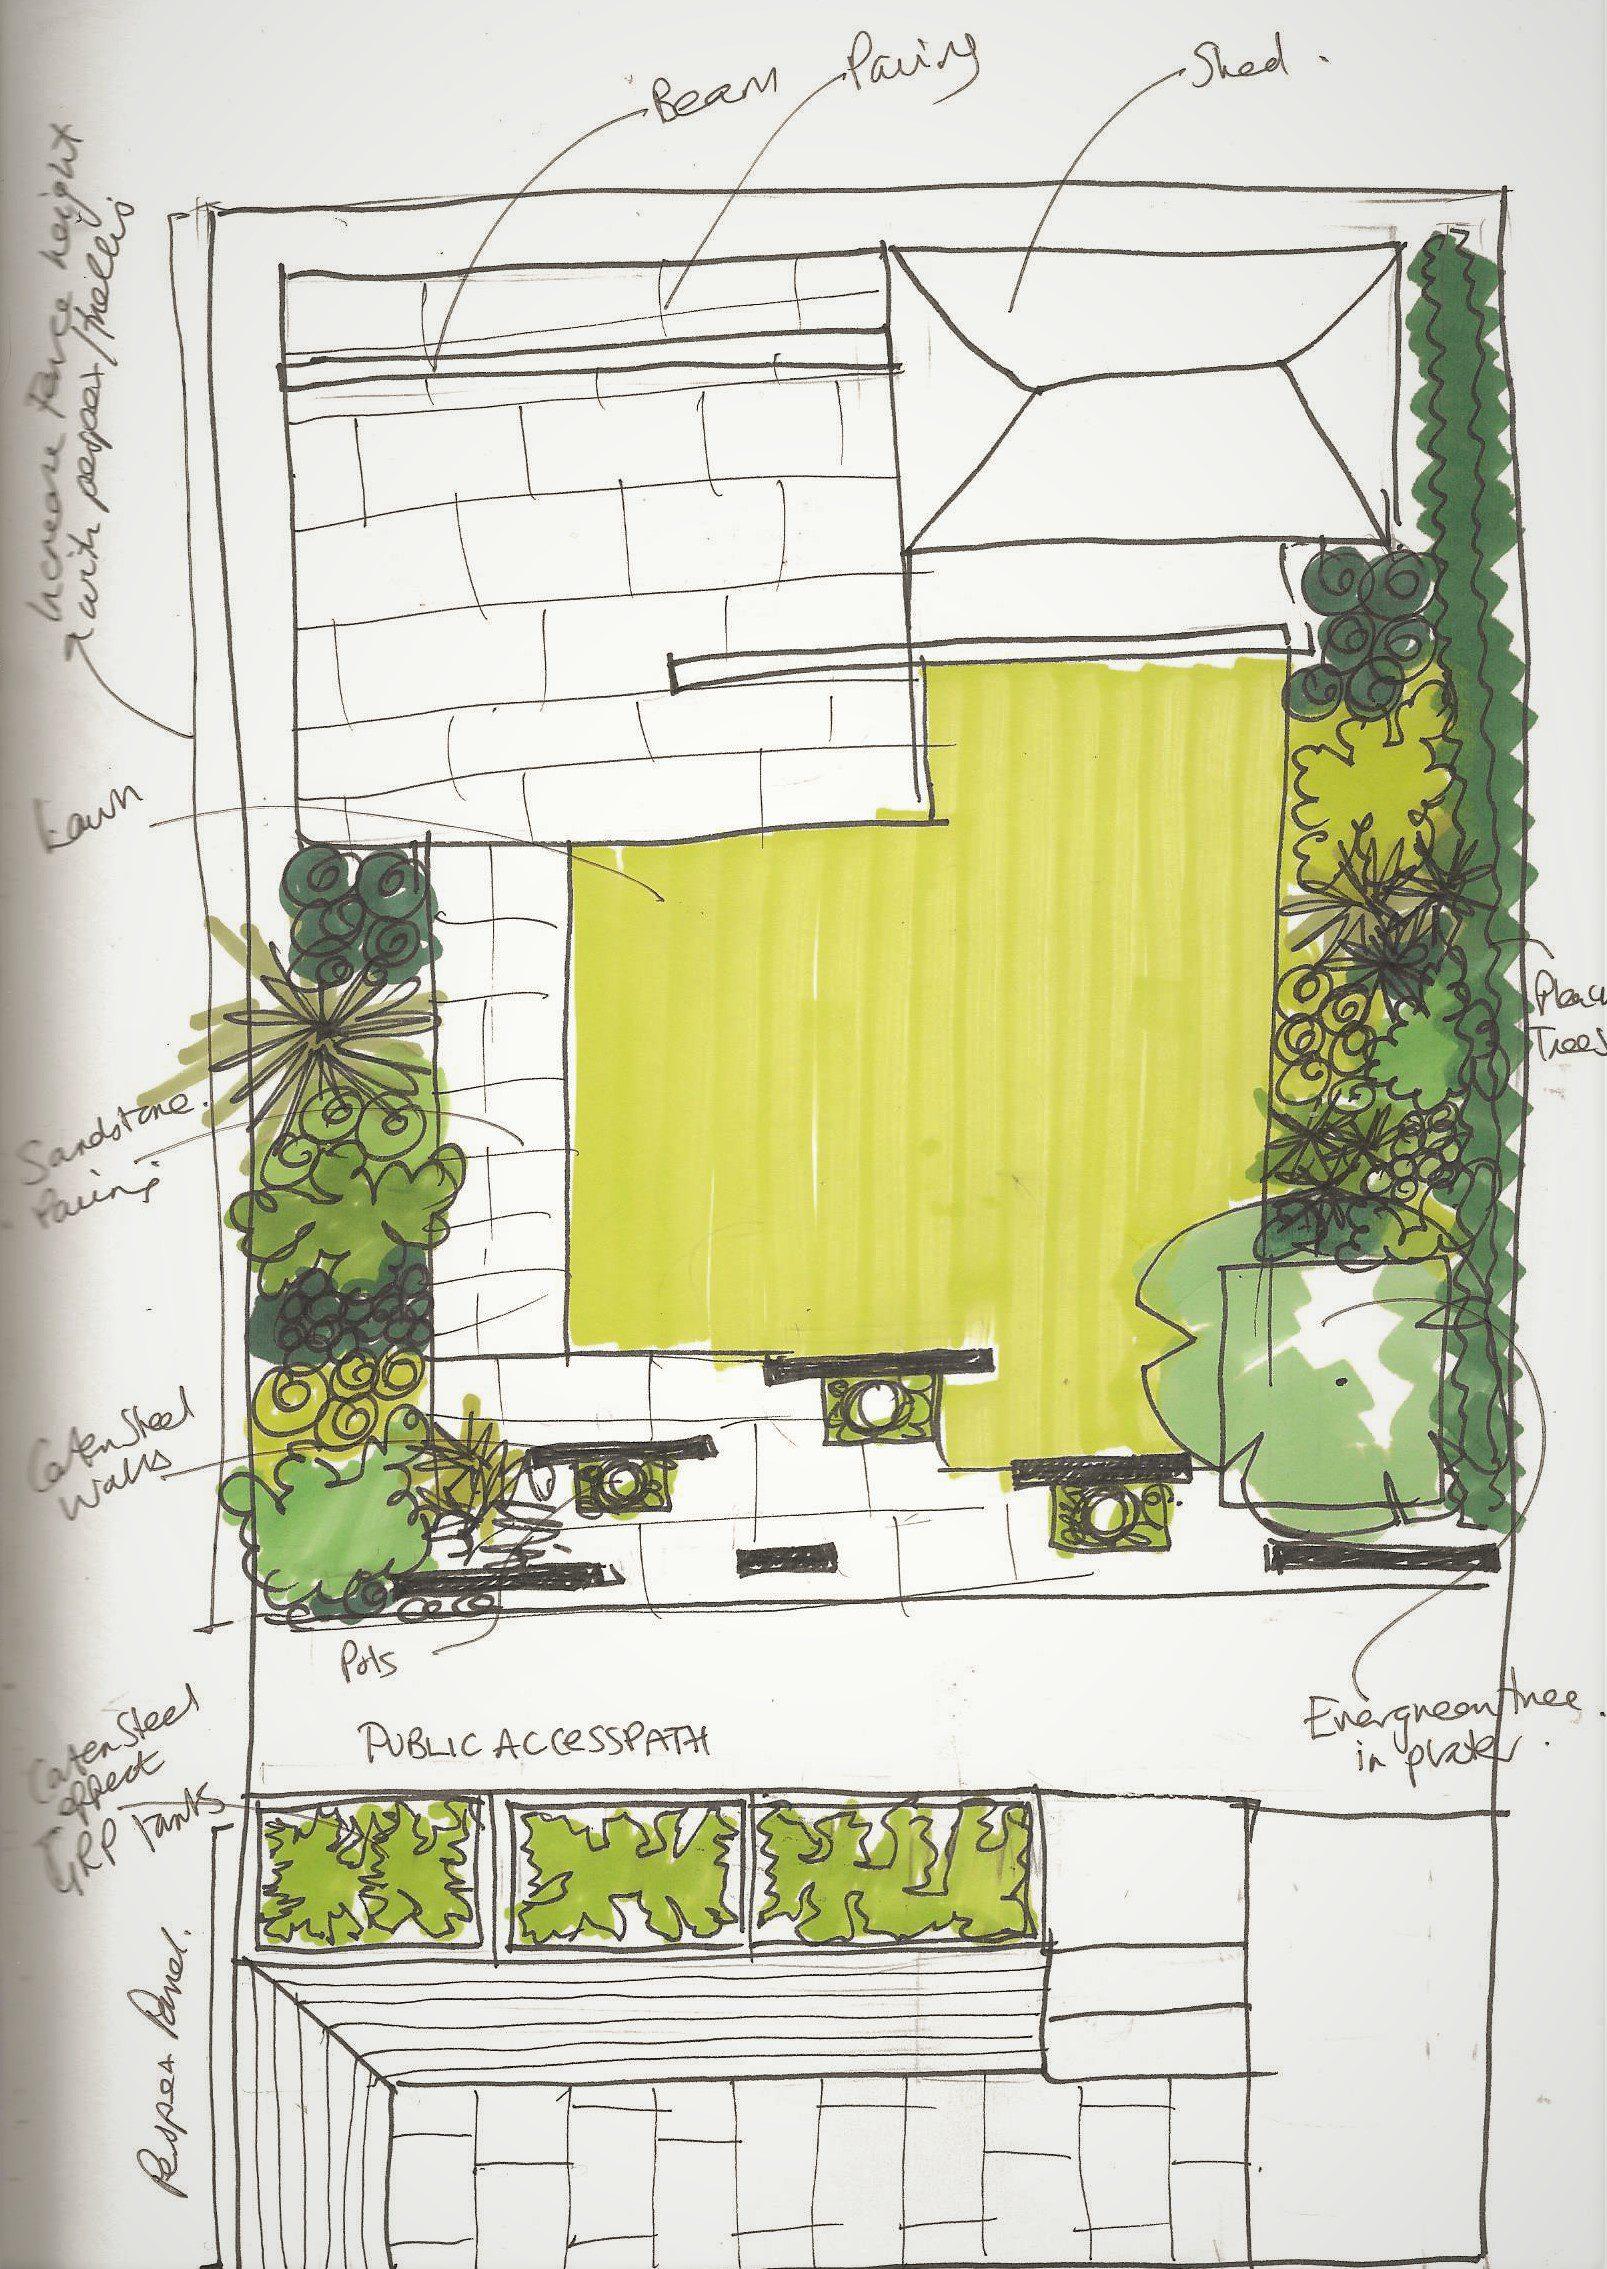 East-facing garden design sketches